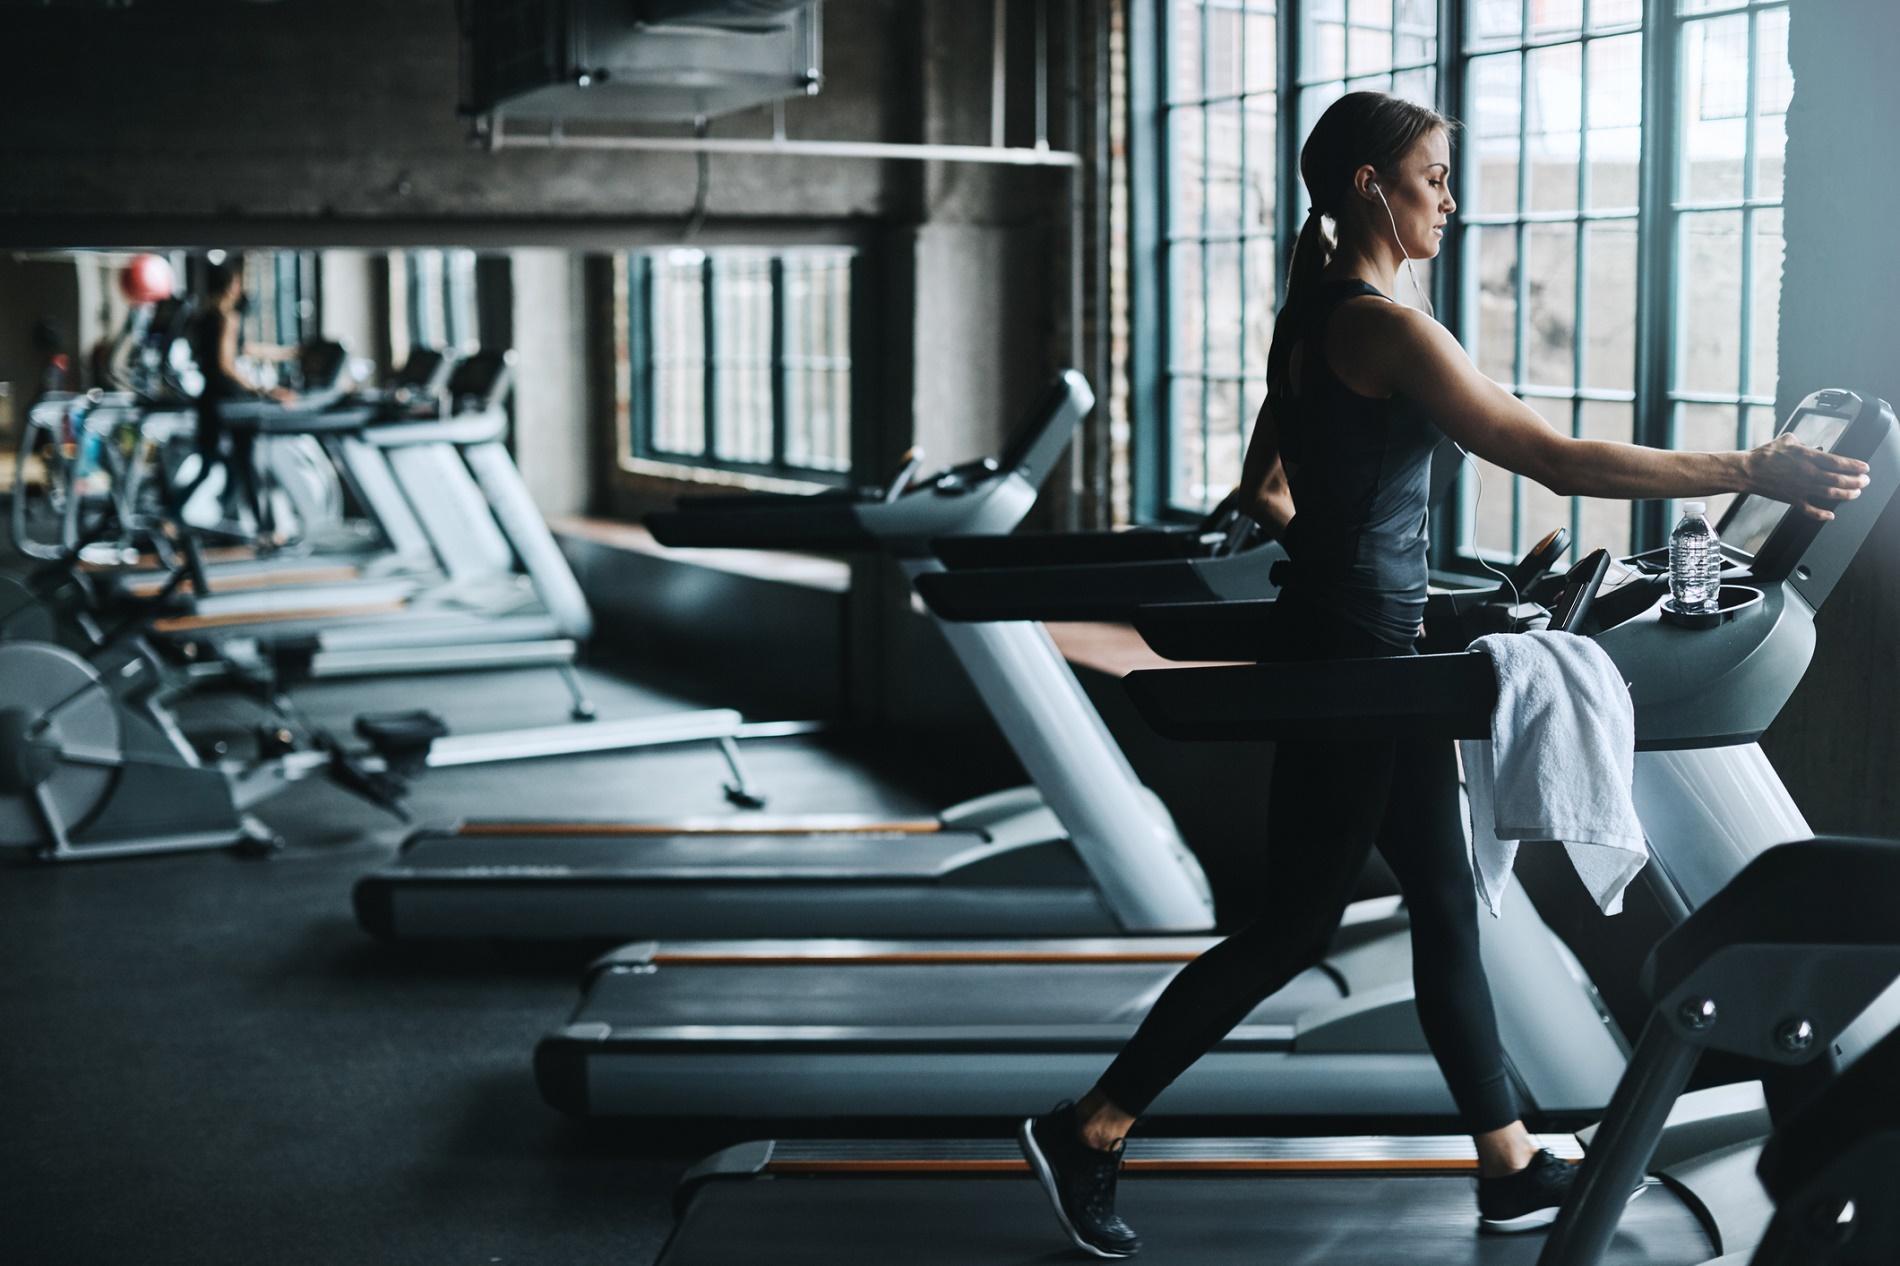 meilleur moyen de perdre du poids avec succès